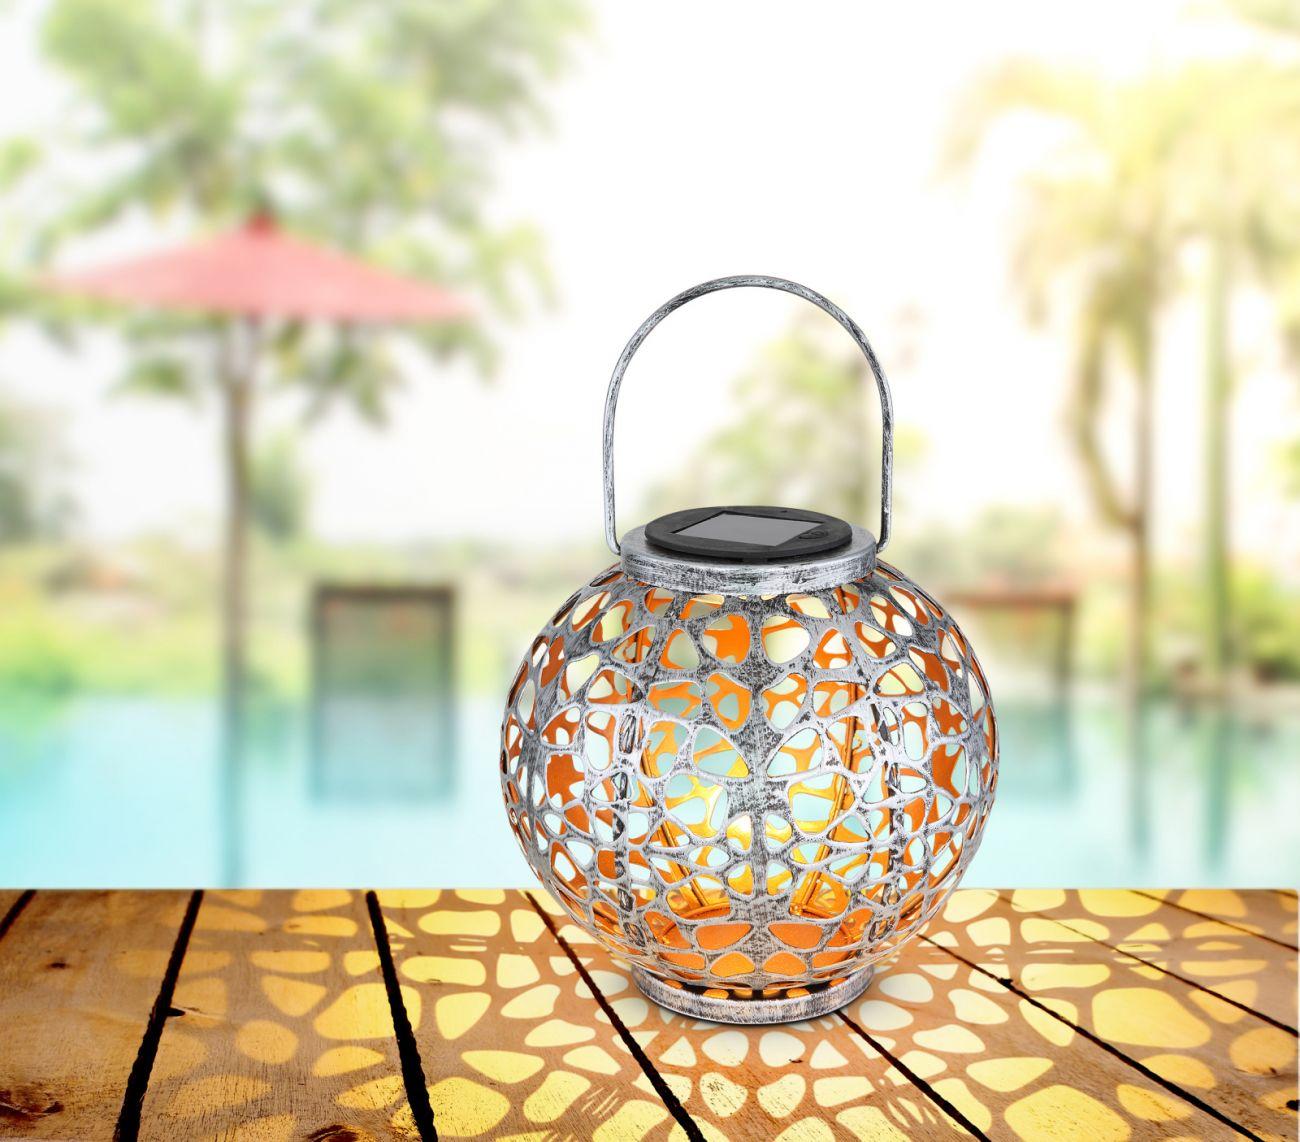 Lampa solara Globo, 36740, Argintiu, LED 0,06W